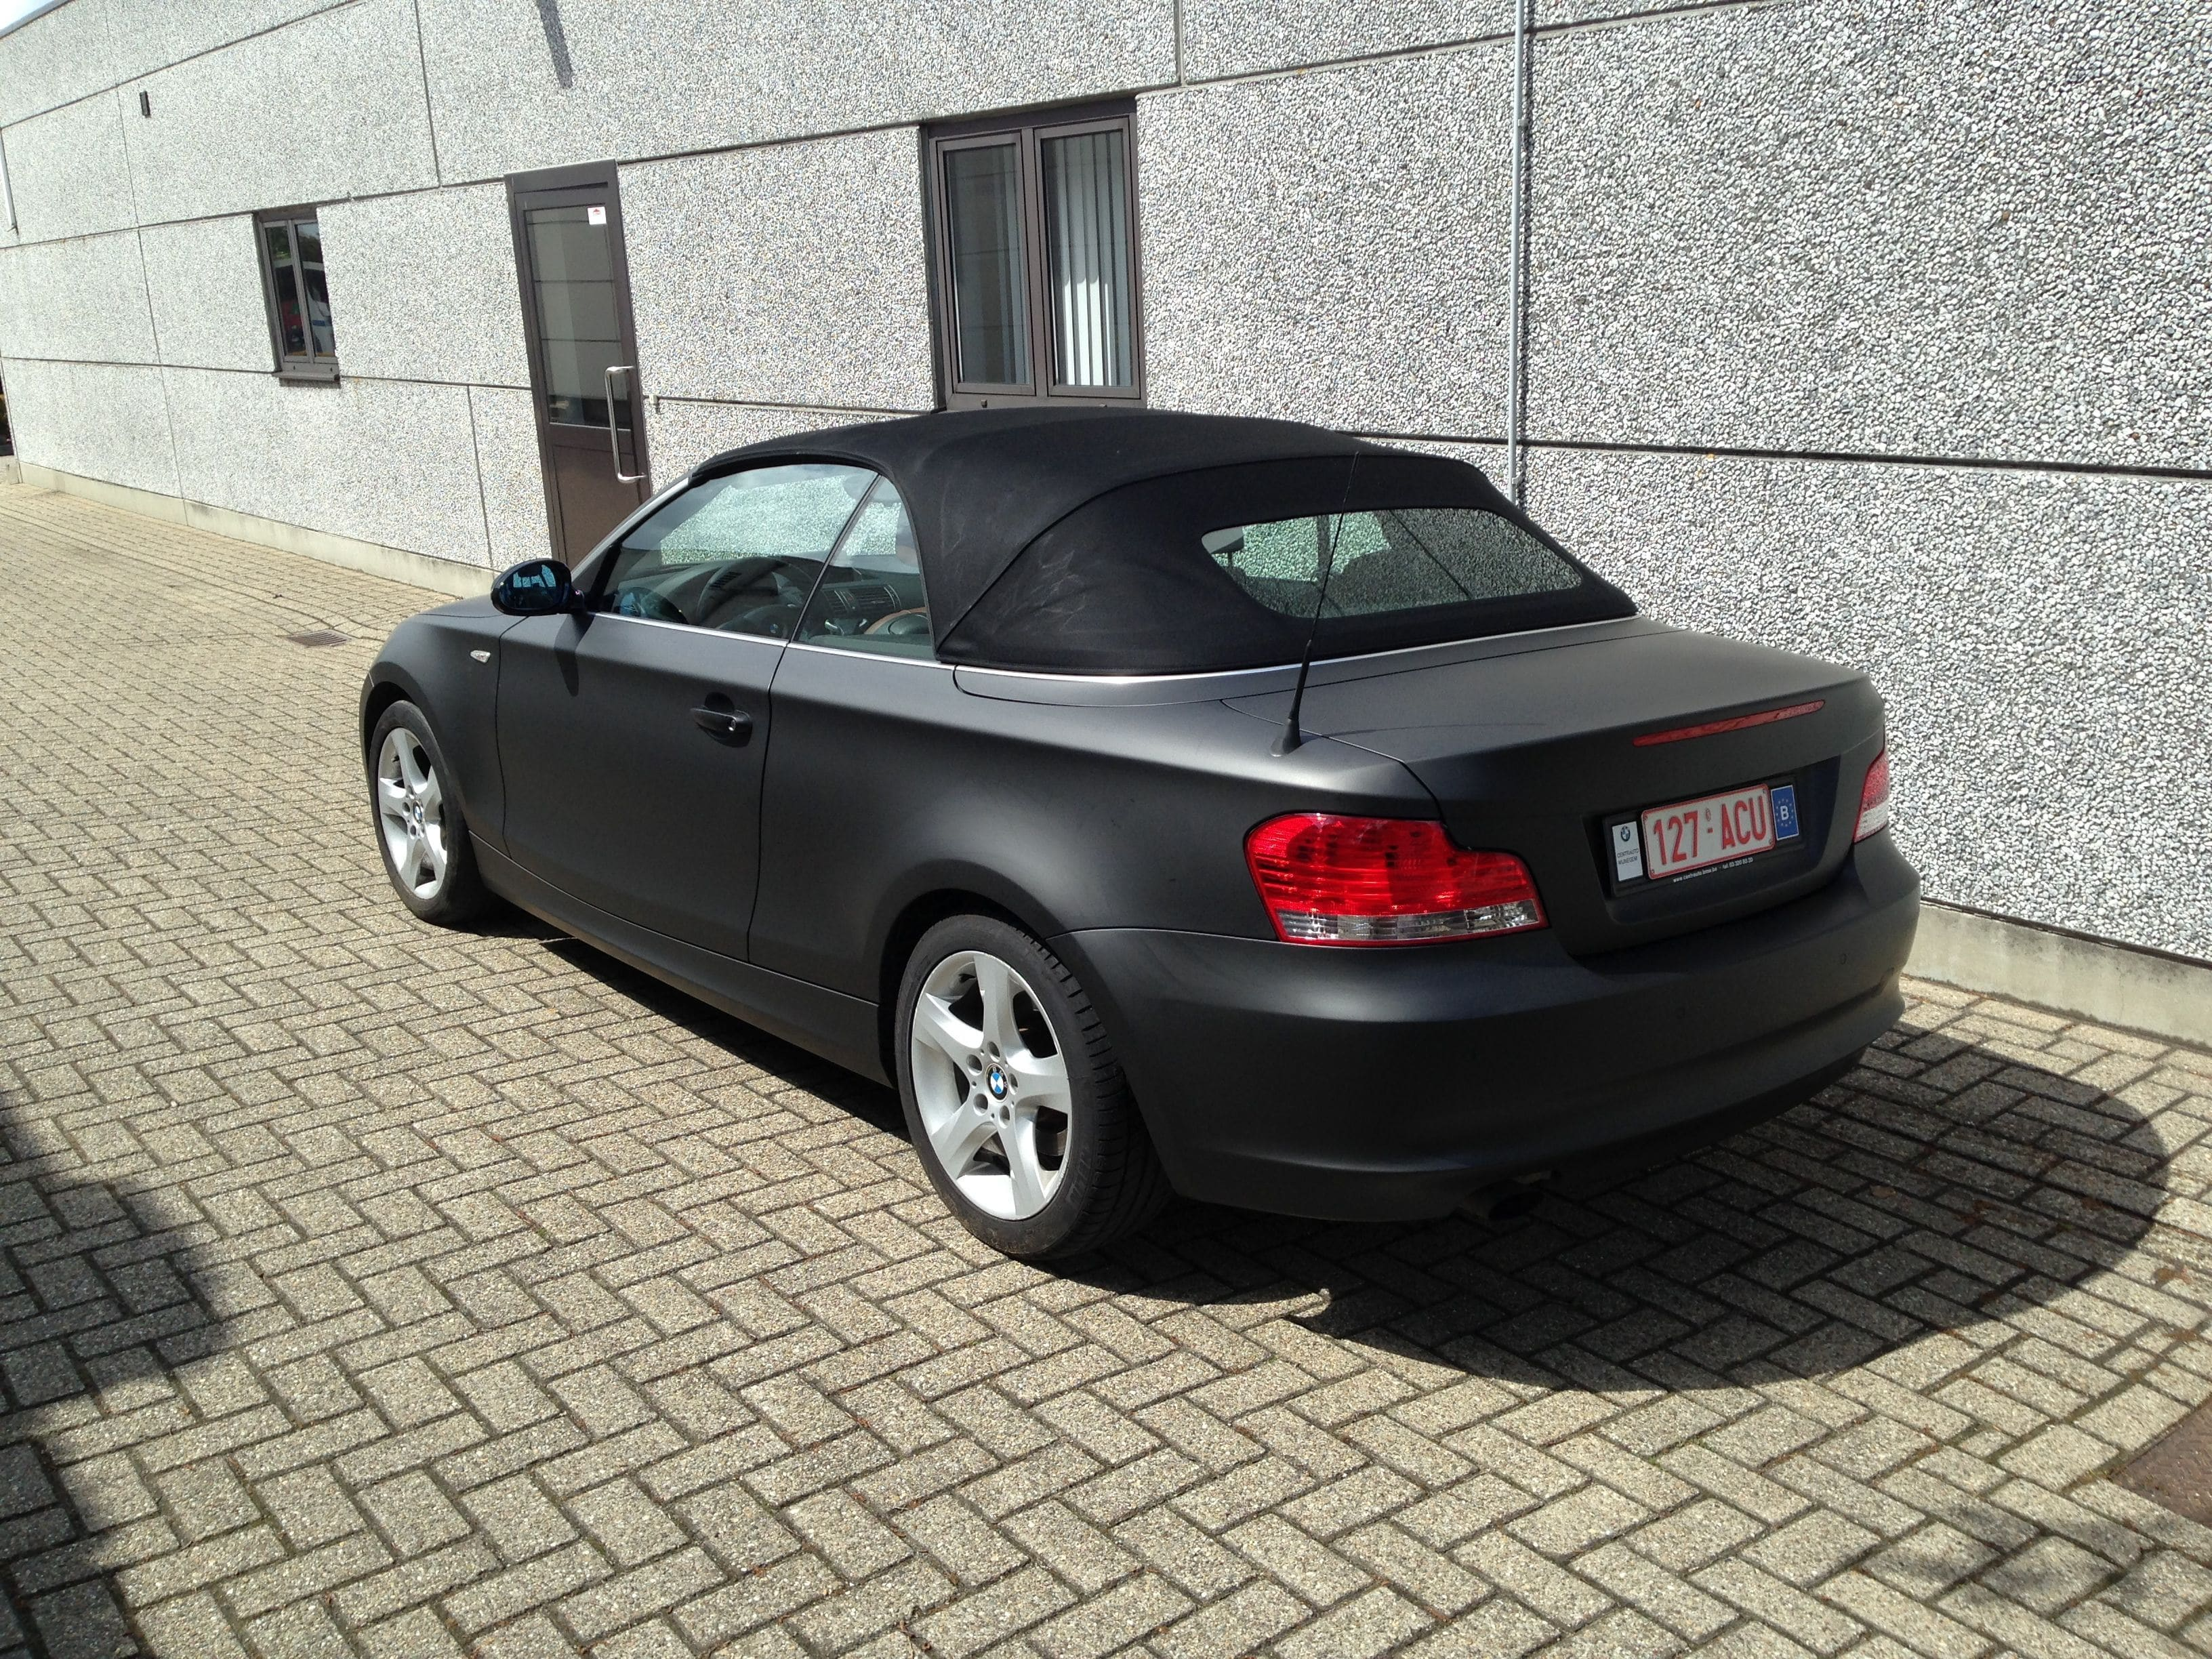 BMW 1 Serie Cabrio met Mat Zwarte Wrap, Carwrapping door Wrapmyride.nu Foto-nr:5191, ©2021